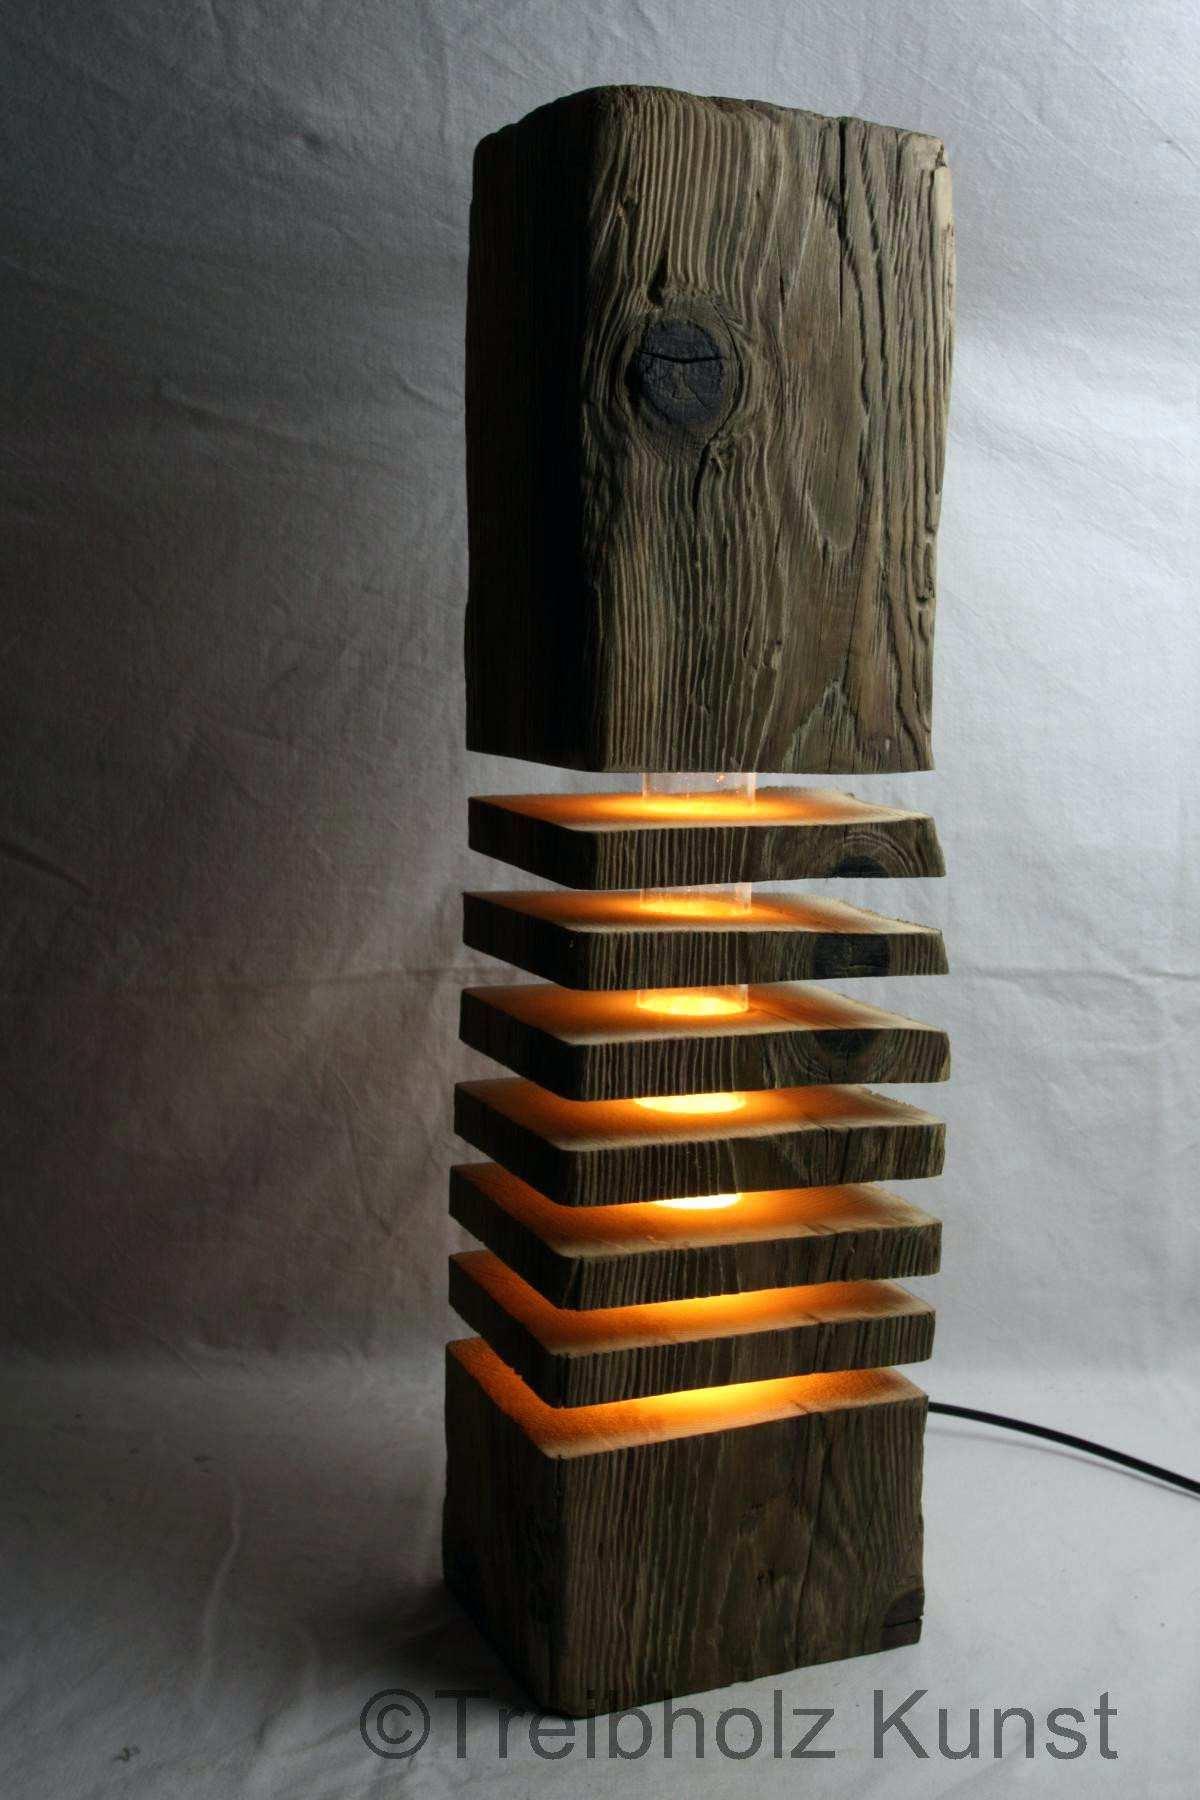 Full Size of Holz Led Lampe Selber Bauen Holzbalken Best Full Size Of Ideenlampe Spiegellampe Bad Bogenlampe Esstisch Betten Massivholz Schlafzimmer Komplett Lampen Wohnzimmer Holz Led Lampe Selber Bauen